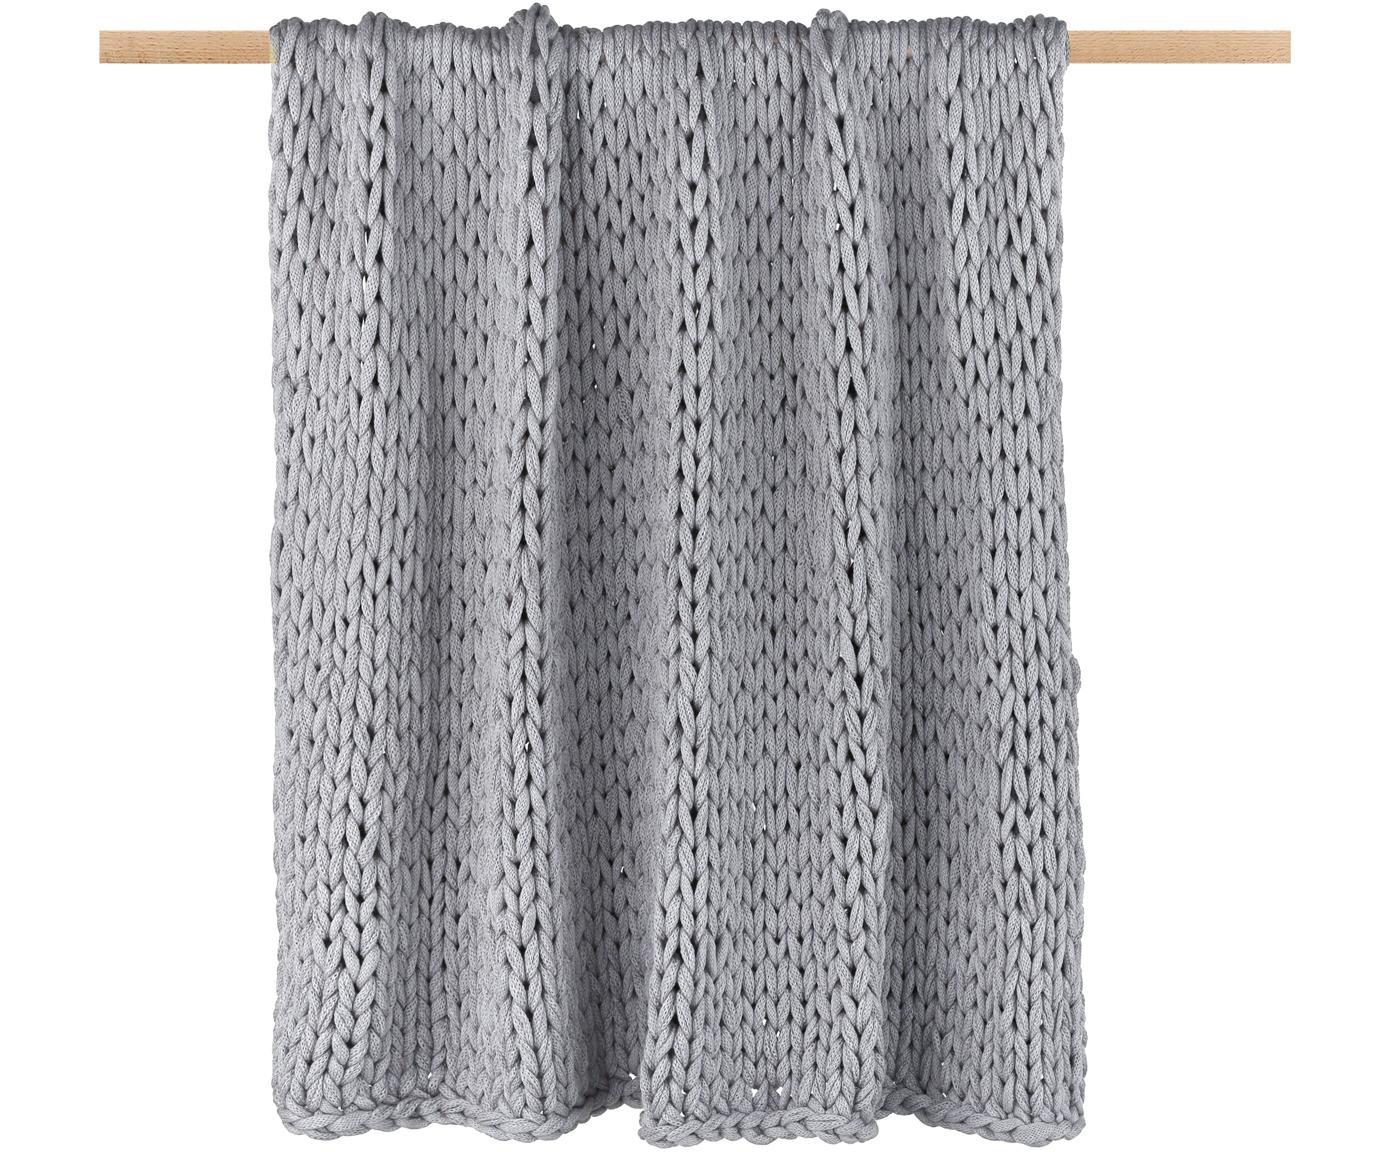 Grobes Strick-Plaid Adyna, 100% Acryl, Hellgrau, 150 x 200 cm